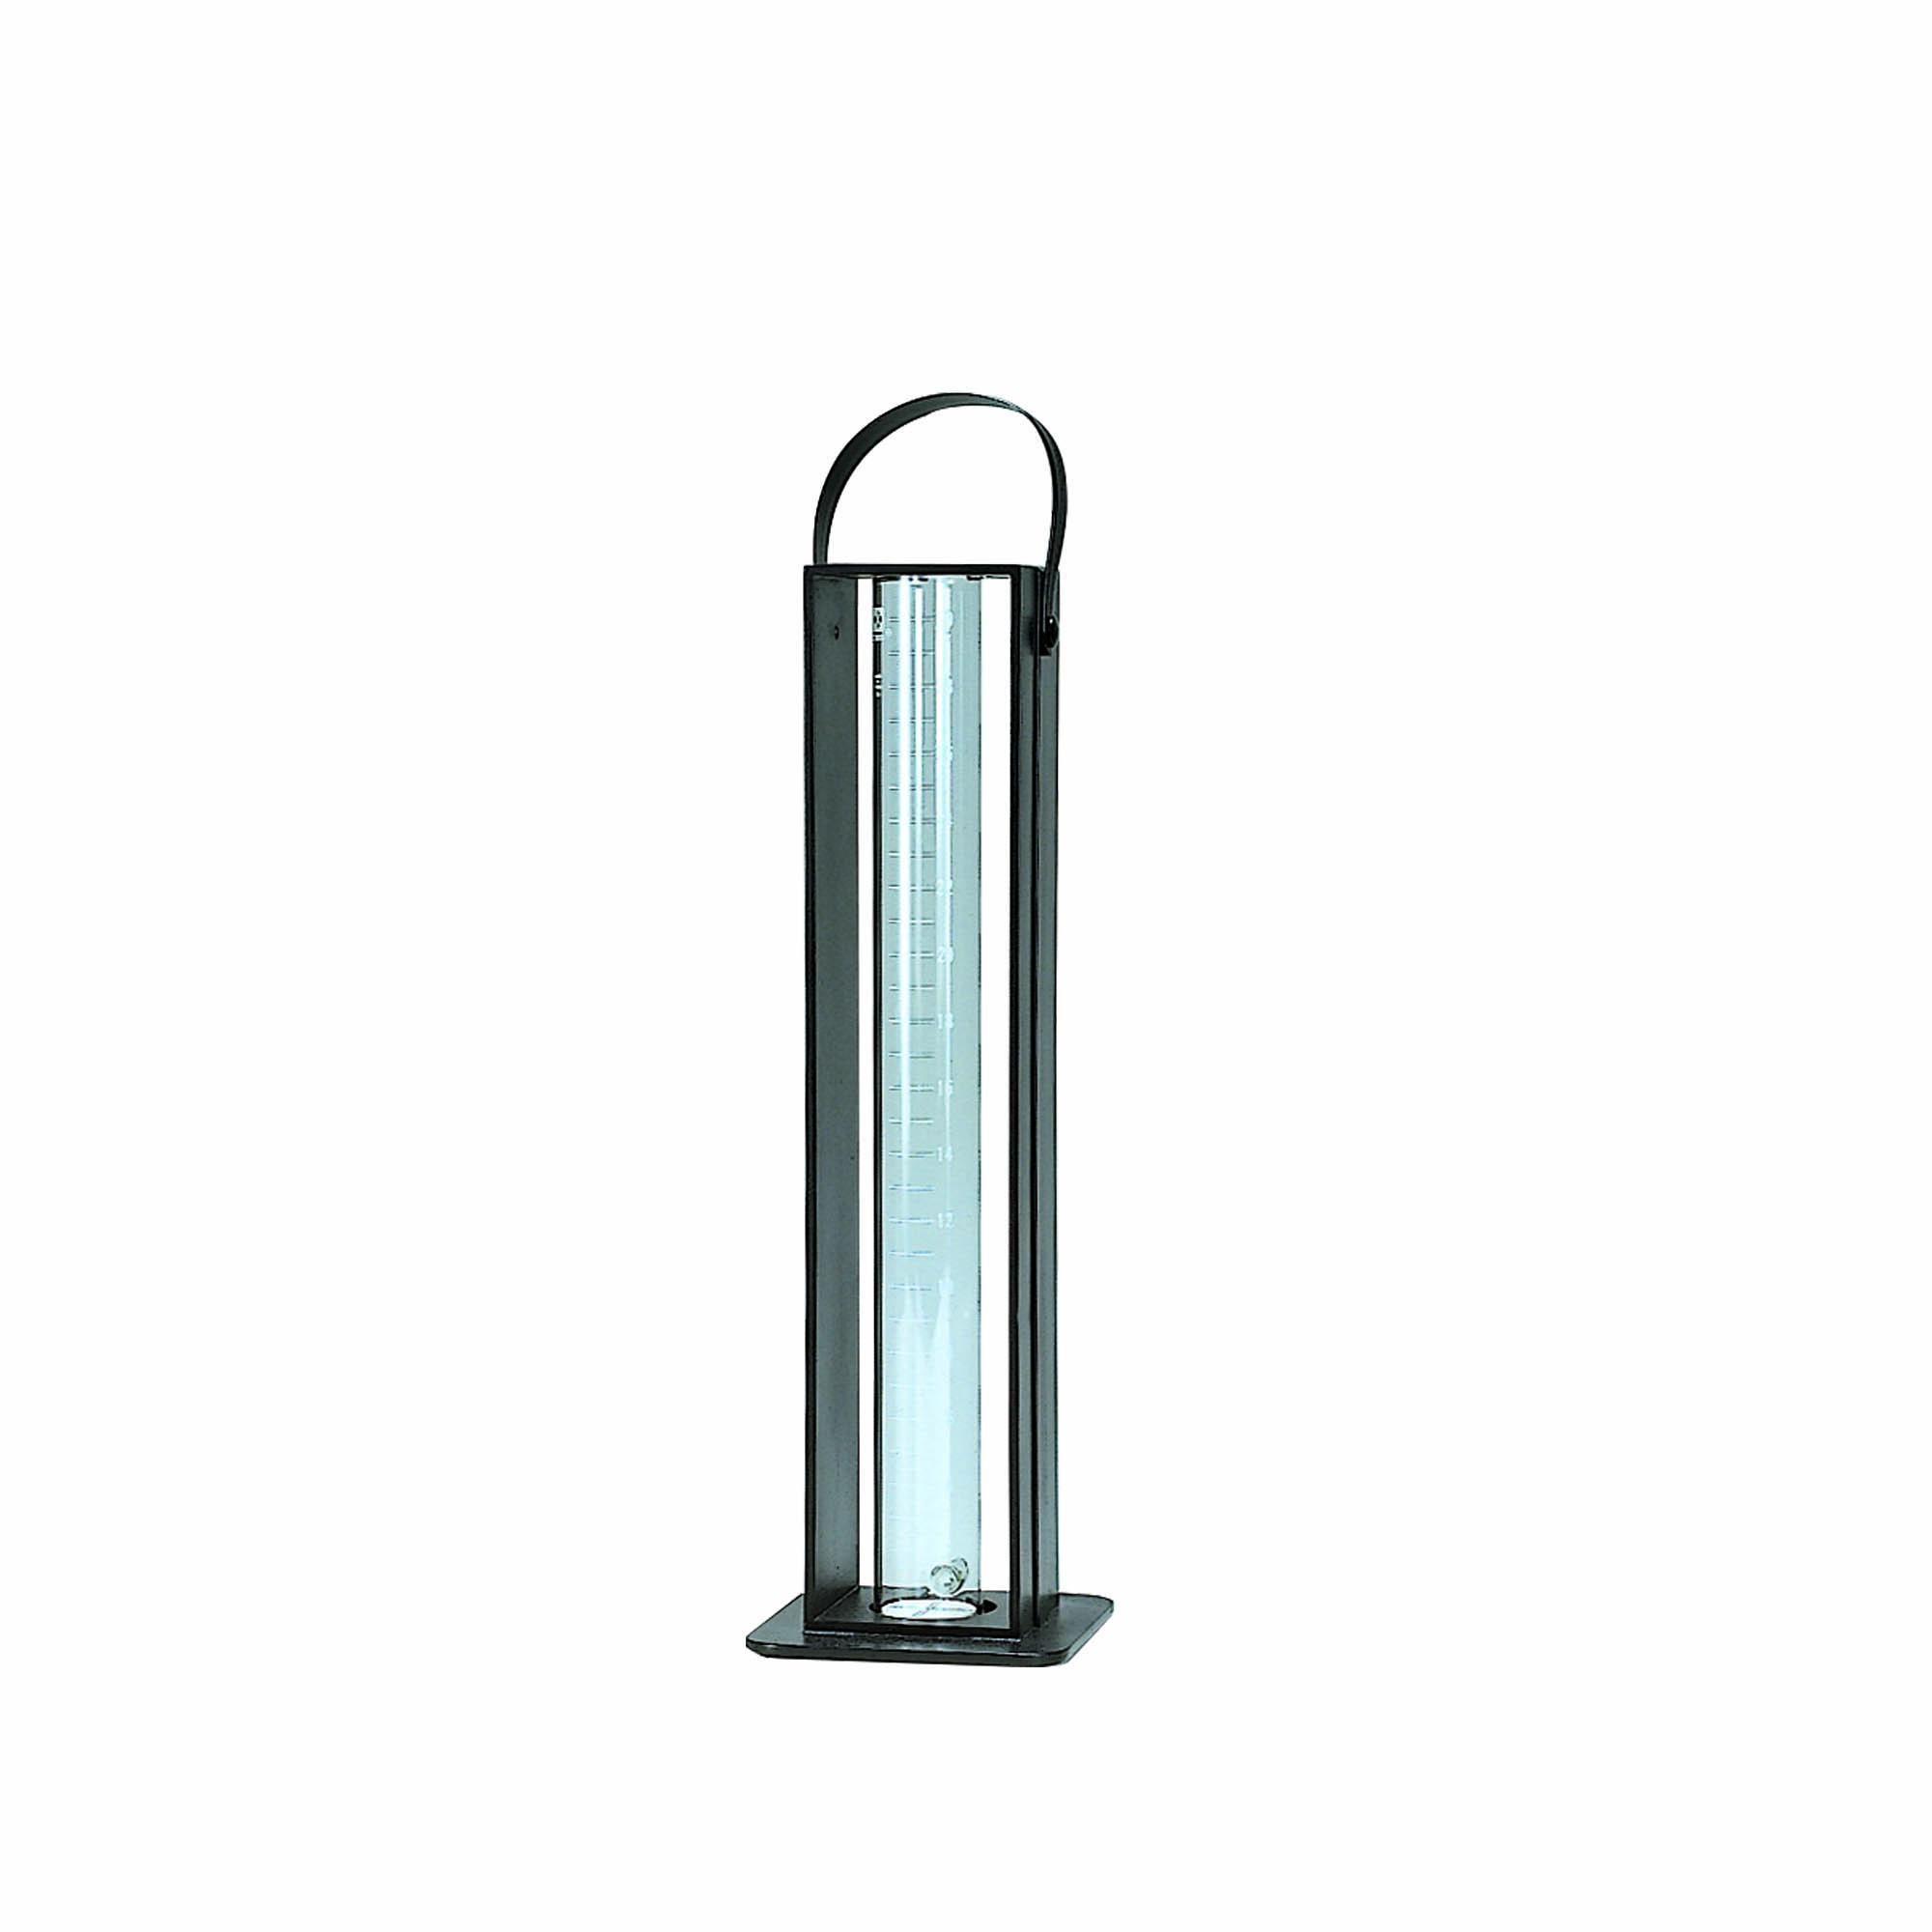 080530-0511 透視度計用 比色管 標準型用 柴田科学(SIBATA)